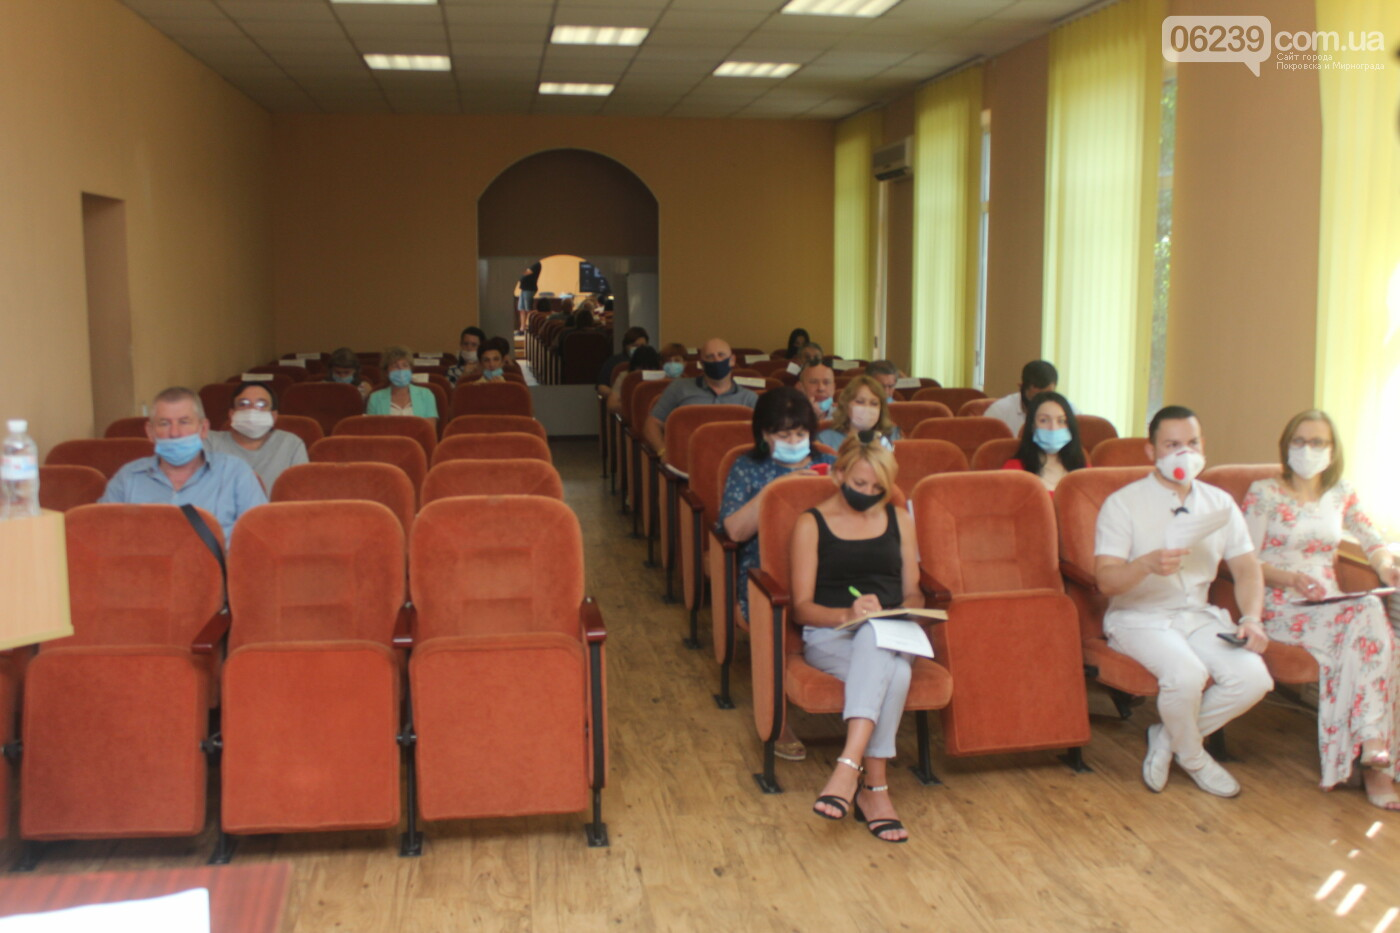 Изменения в бюджете и передача продуктов на баланс местной больницы: в Мирнограде состоялась очередная сессия горсовета, фото-2